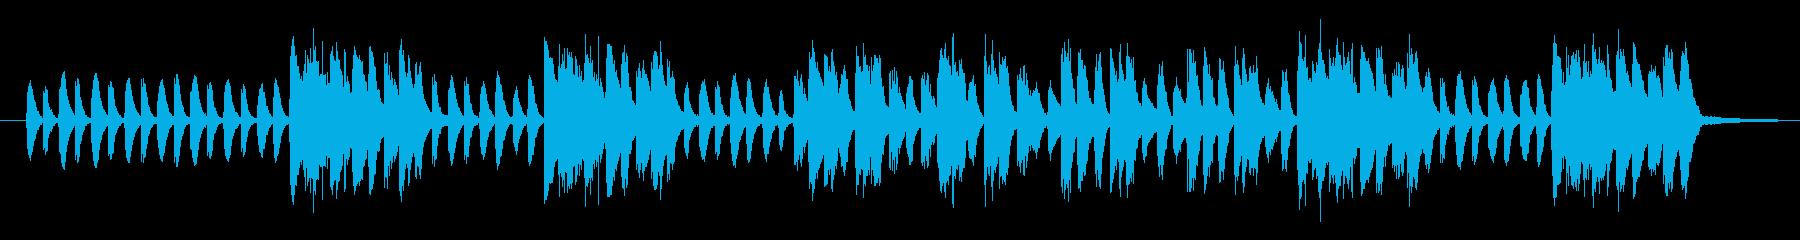 軽快なリズムでなめらかに上昇するピアノの再生済みの波形